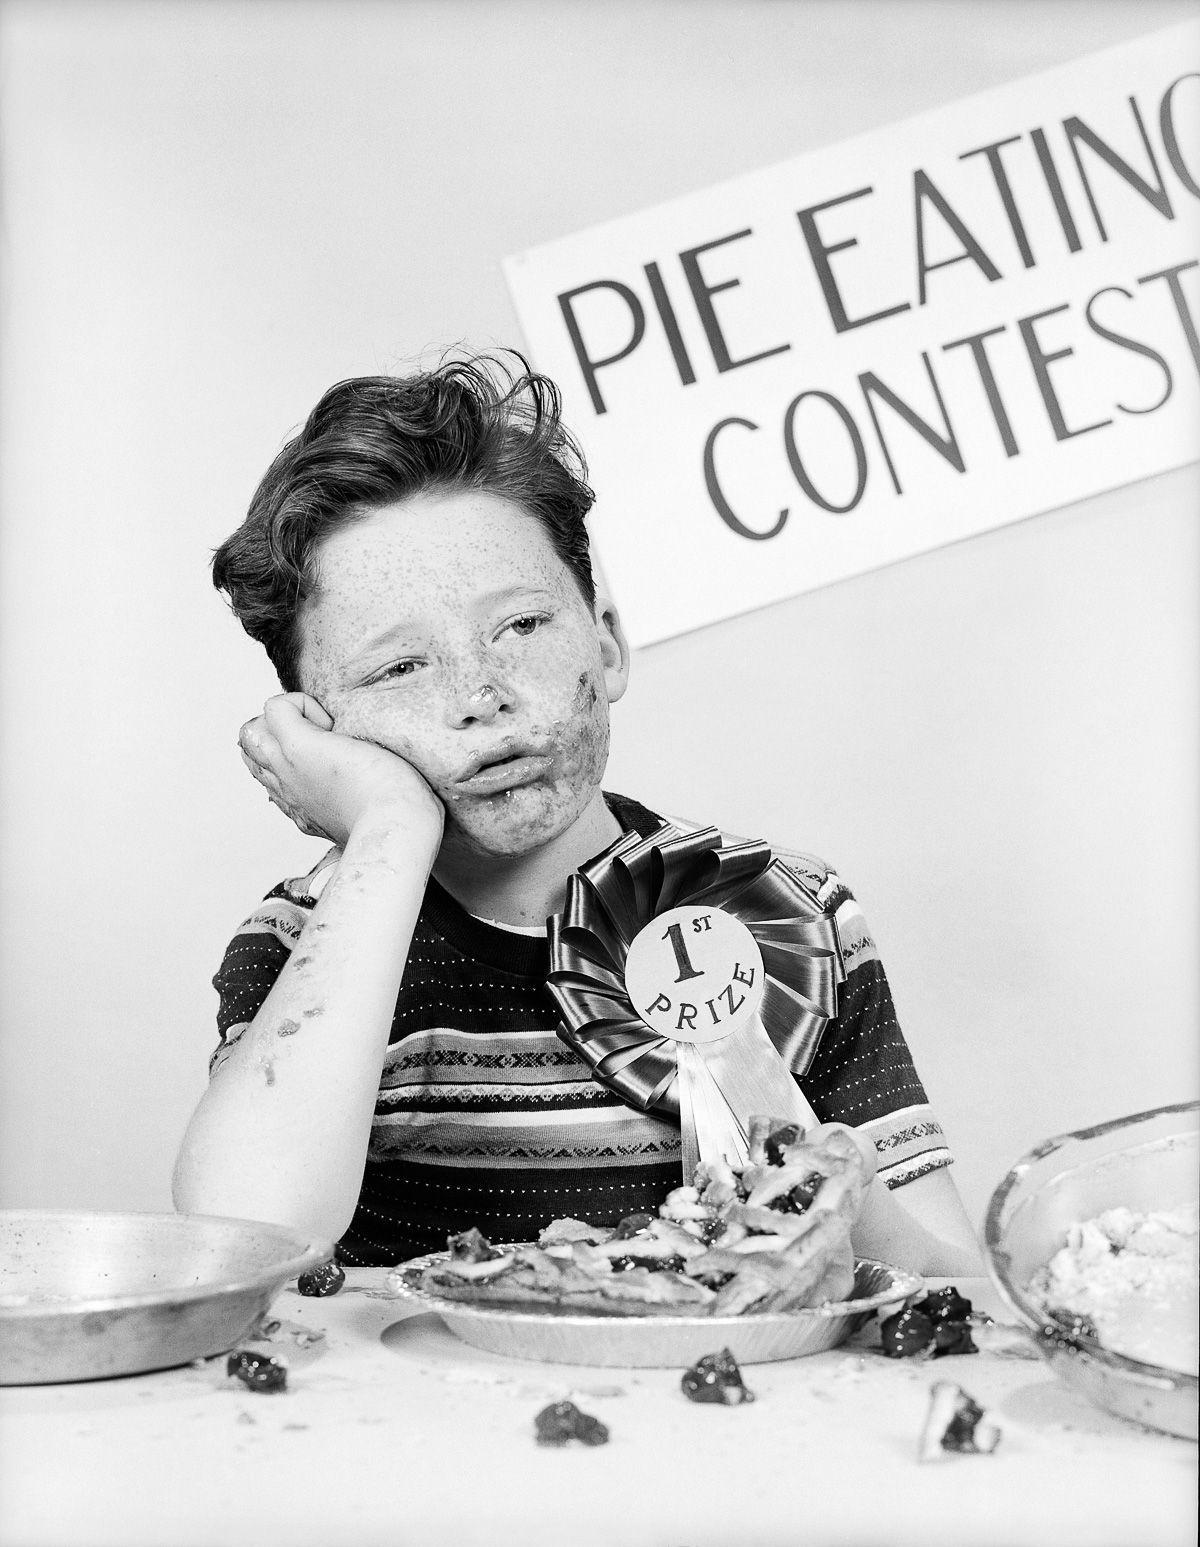 Tente não engasgar com essas fotos antigas de concursos de comilança